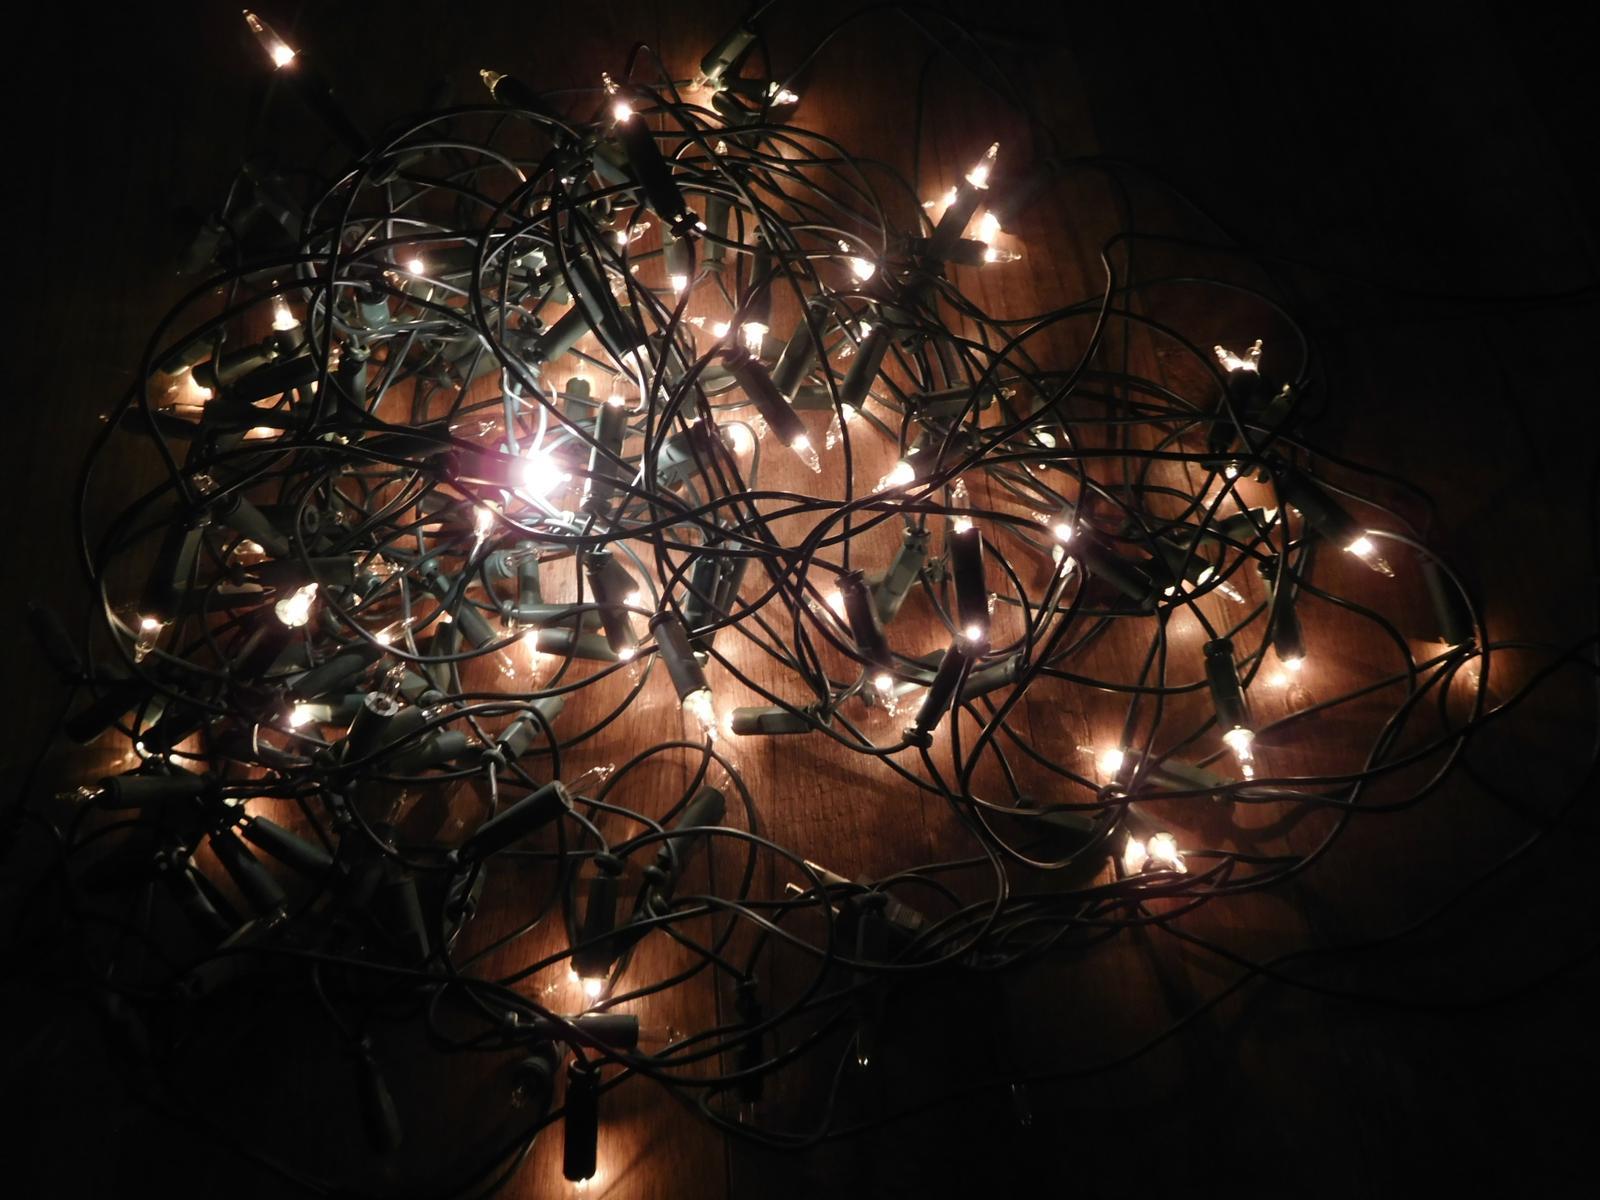 70 ks  kvalitné vianočné osvetlenie-žiarovky - Obrázok č. 3